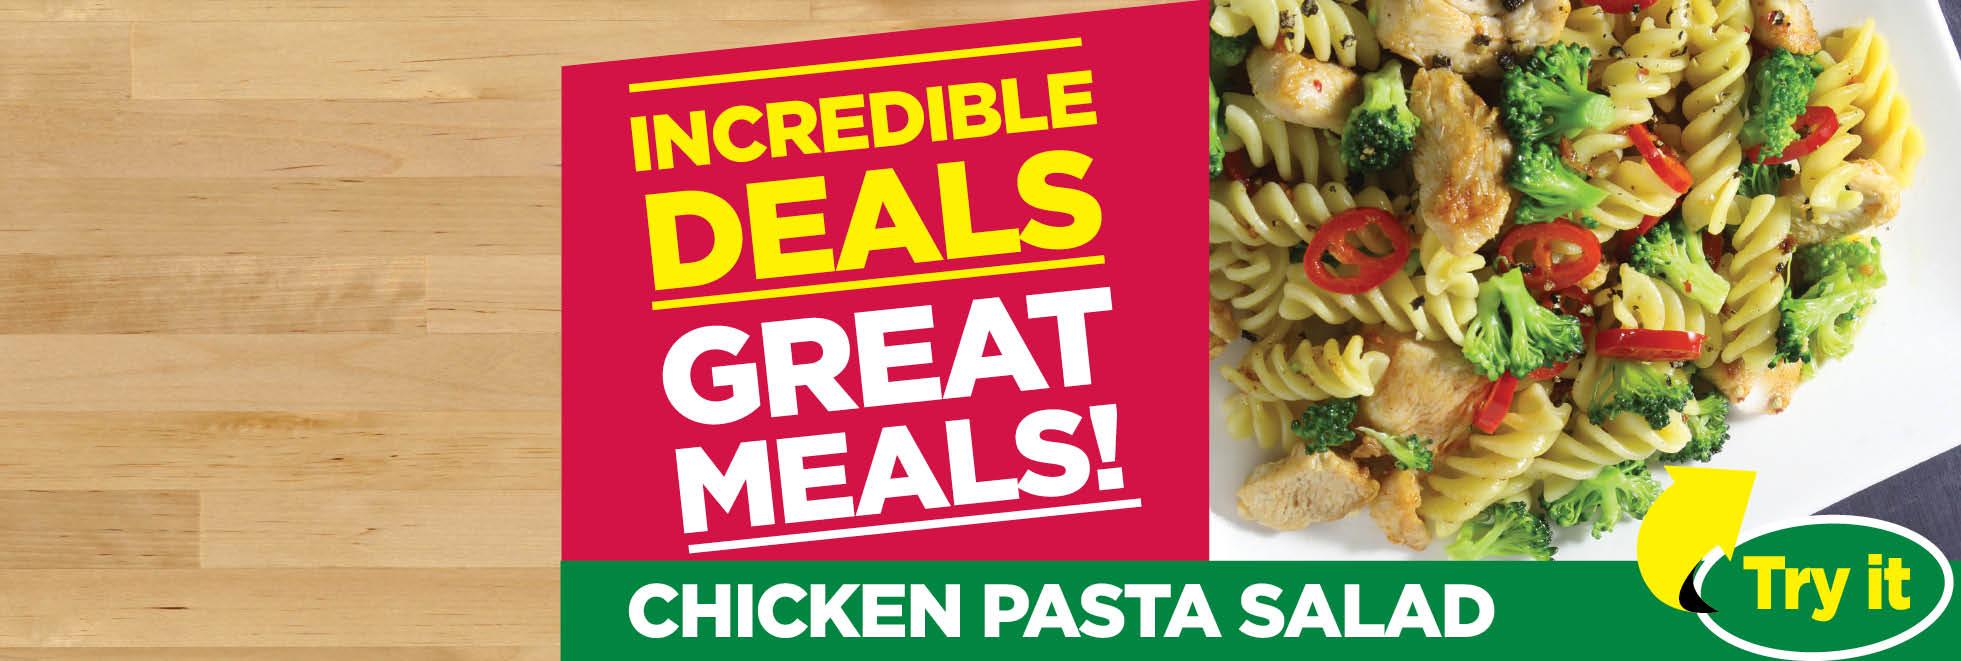 Incredible Deals Great Meals